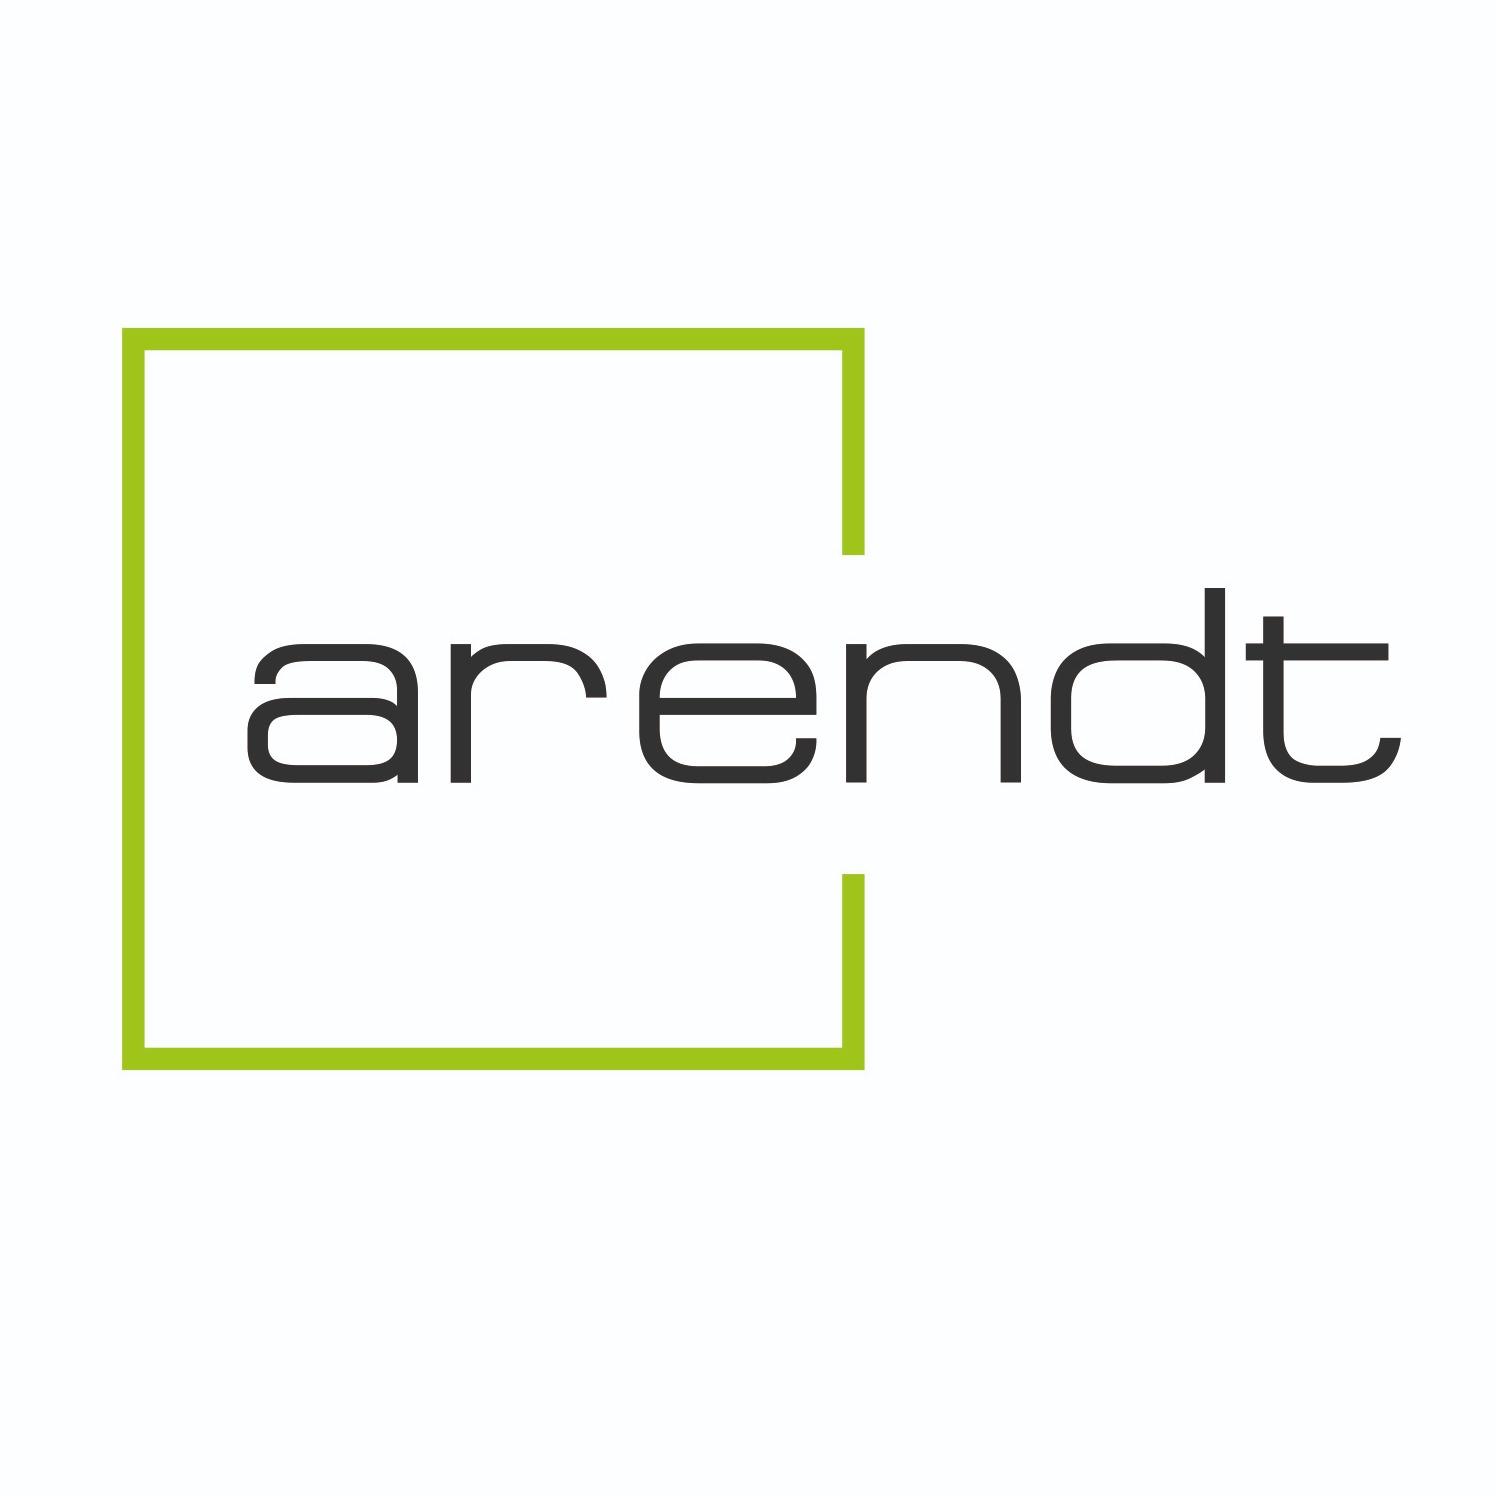 the Arendt & Medernach logo.